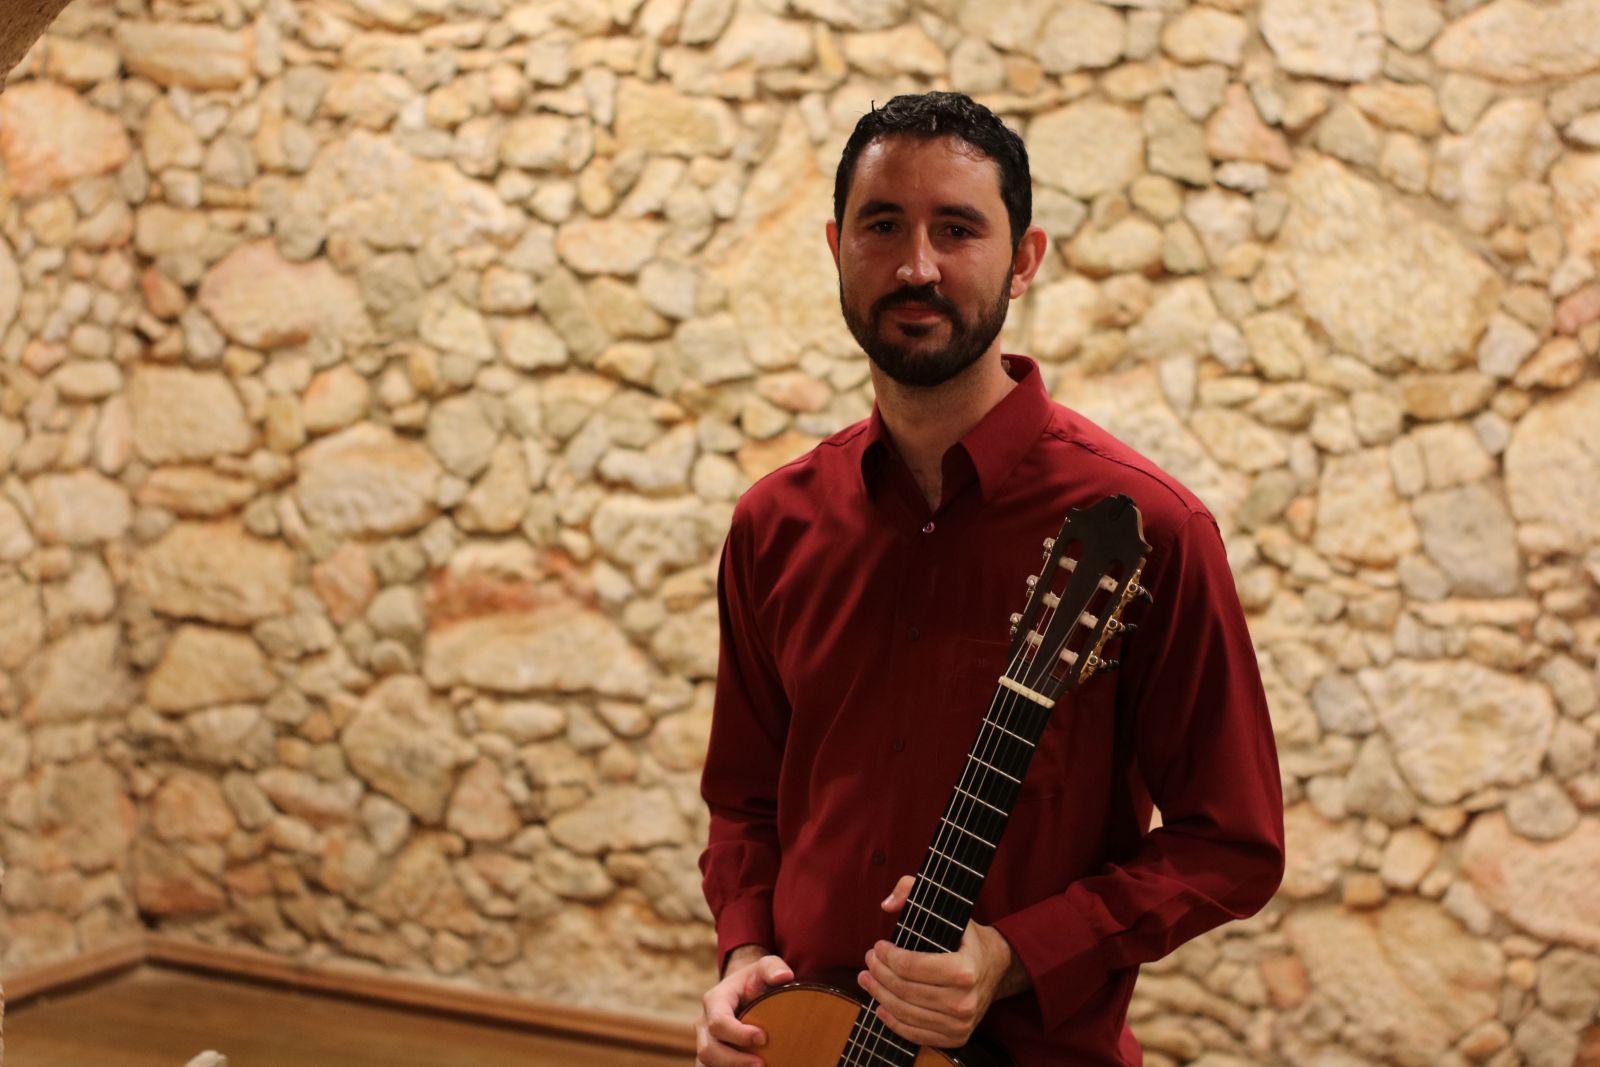 Elenco de 15 violonistas apresenta ciclos de Vicente Paschoal em evento online - Jefrey Andrade